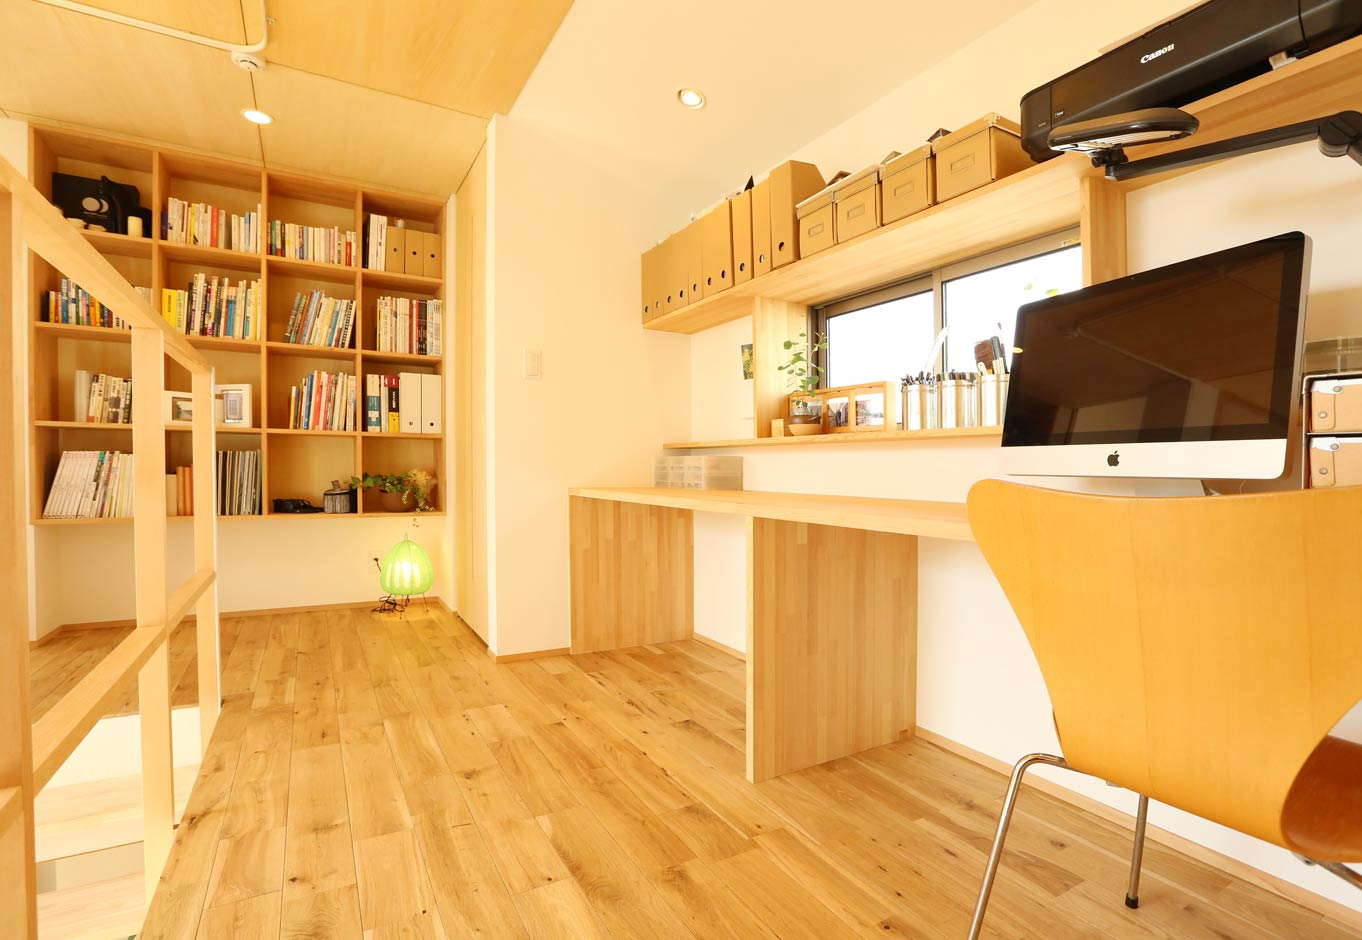 Asobi-創家(アソビスミカ)/ナカジツ【狭小住宅、間取り、建築家】2階のファミリースペースは、吹抜けを通して1階と会話できるので、お互いのコミュニケーションが取りやすい。壁一面の大きな本棚とカウンターを造作し、子どもたちはここでお勉強。1階同様、2階の天井にもシナベニヤを貼り、木のやさしい雰囲気を醸し出している